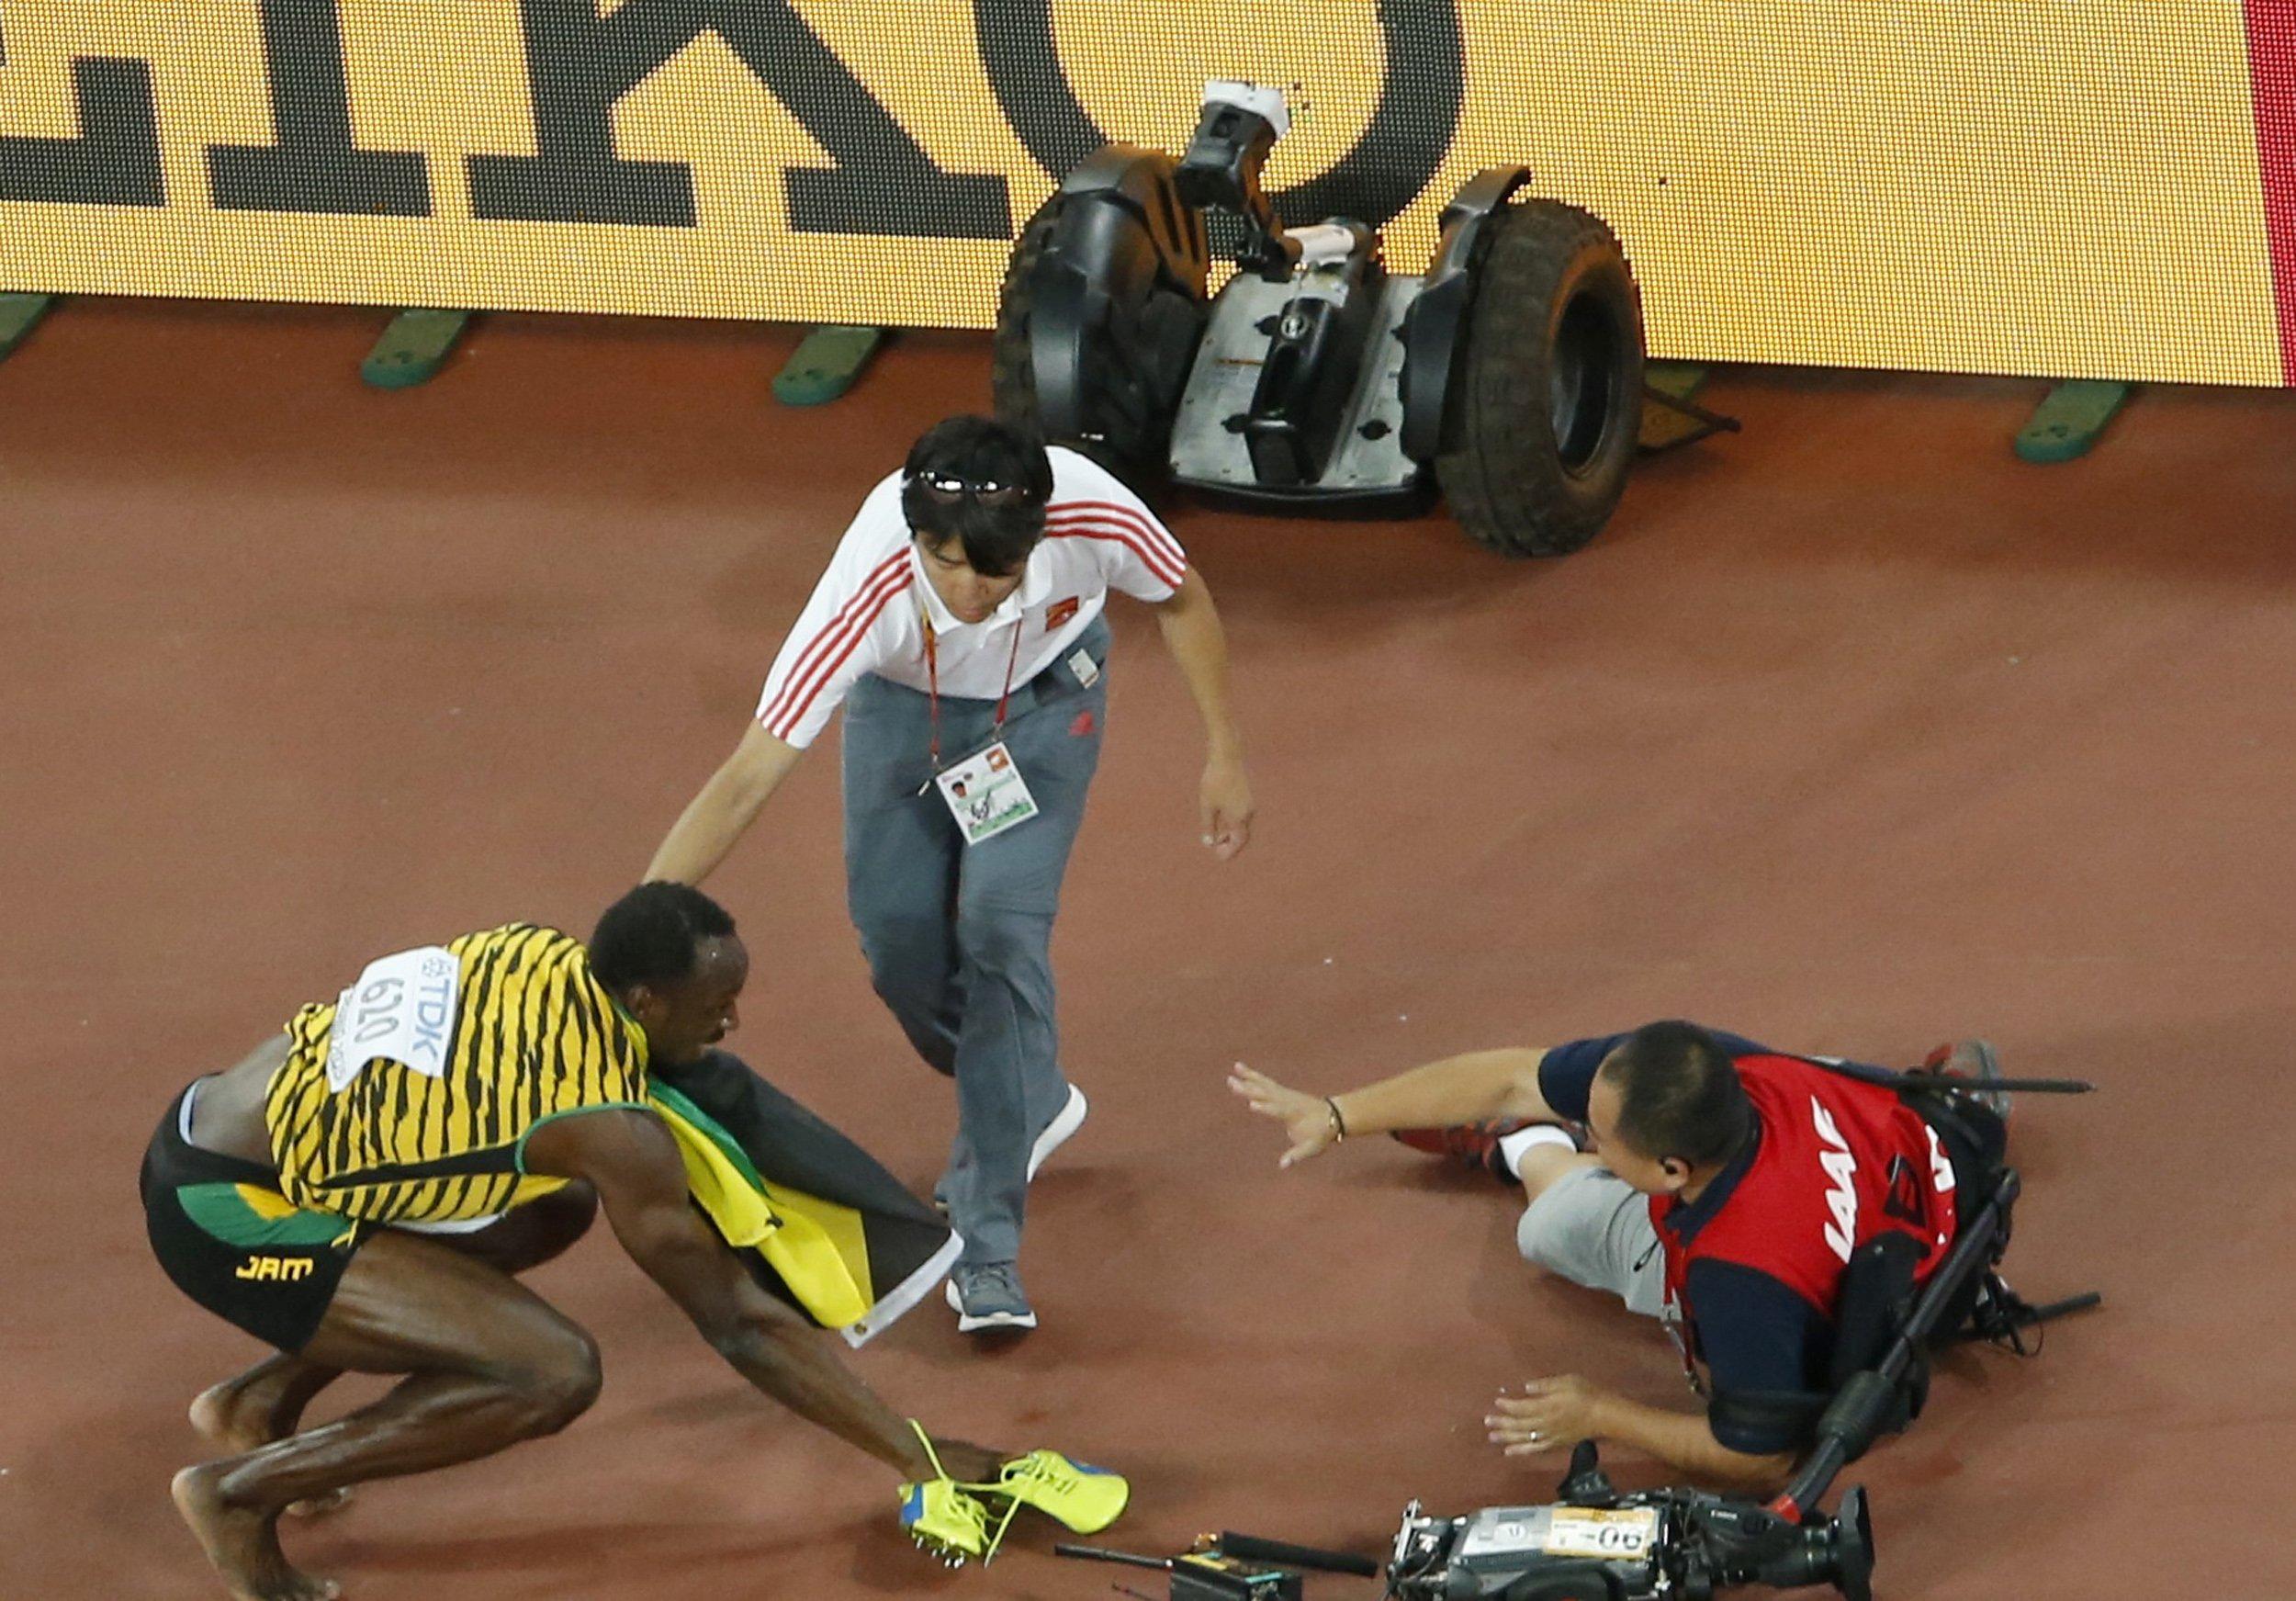 Usain Bolt vs Segway